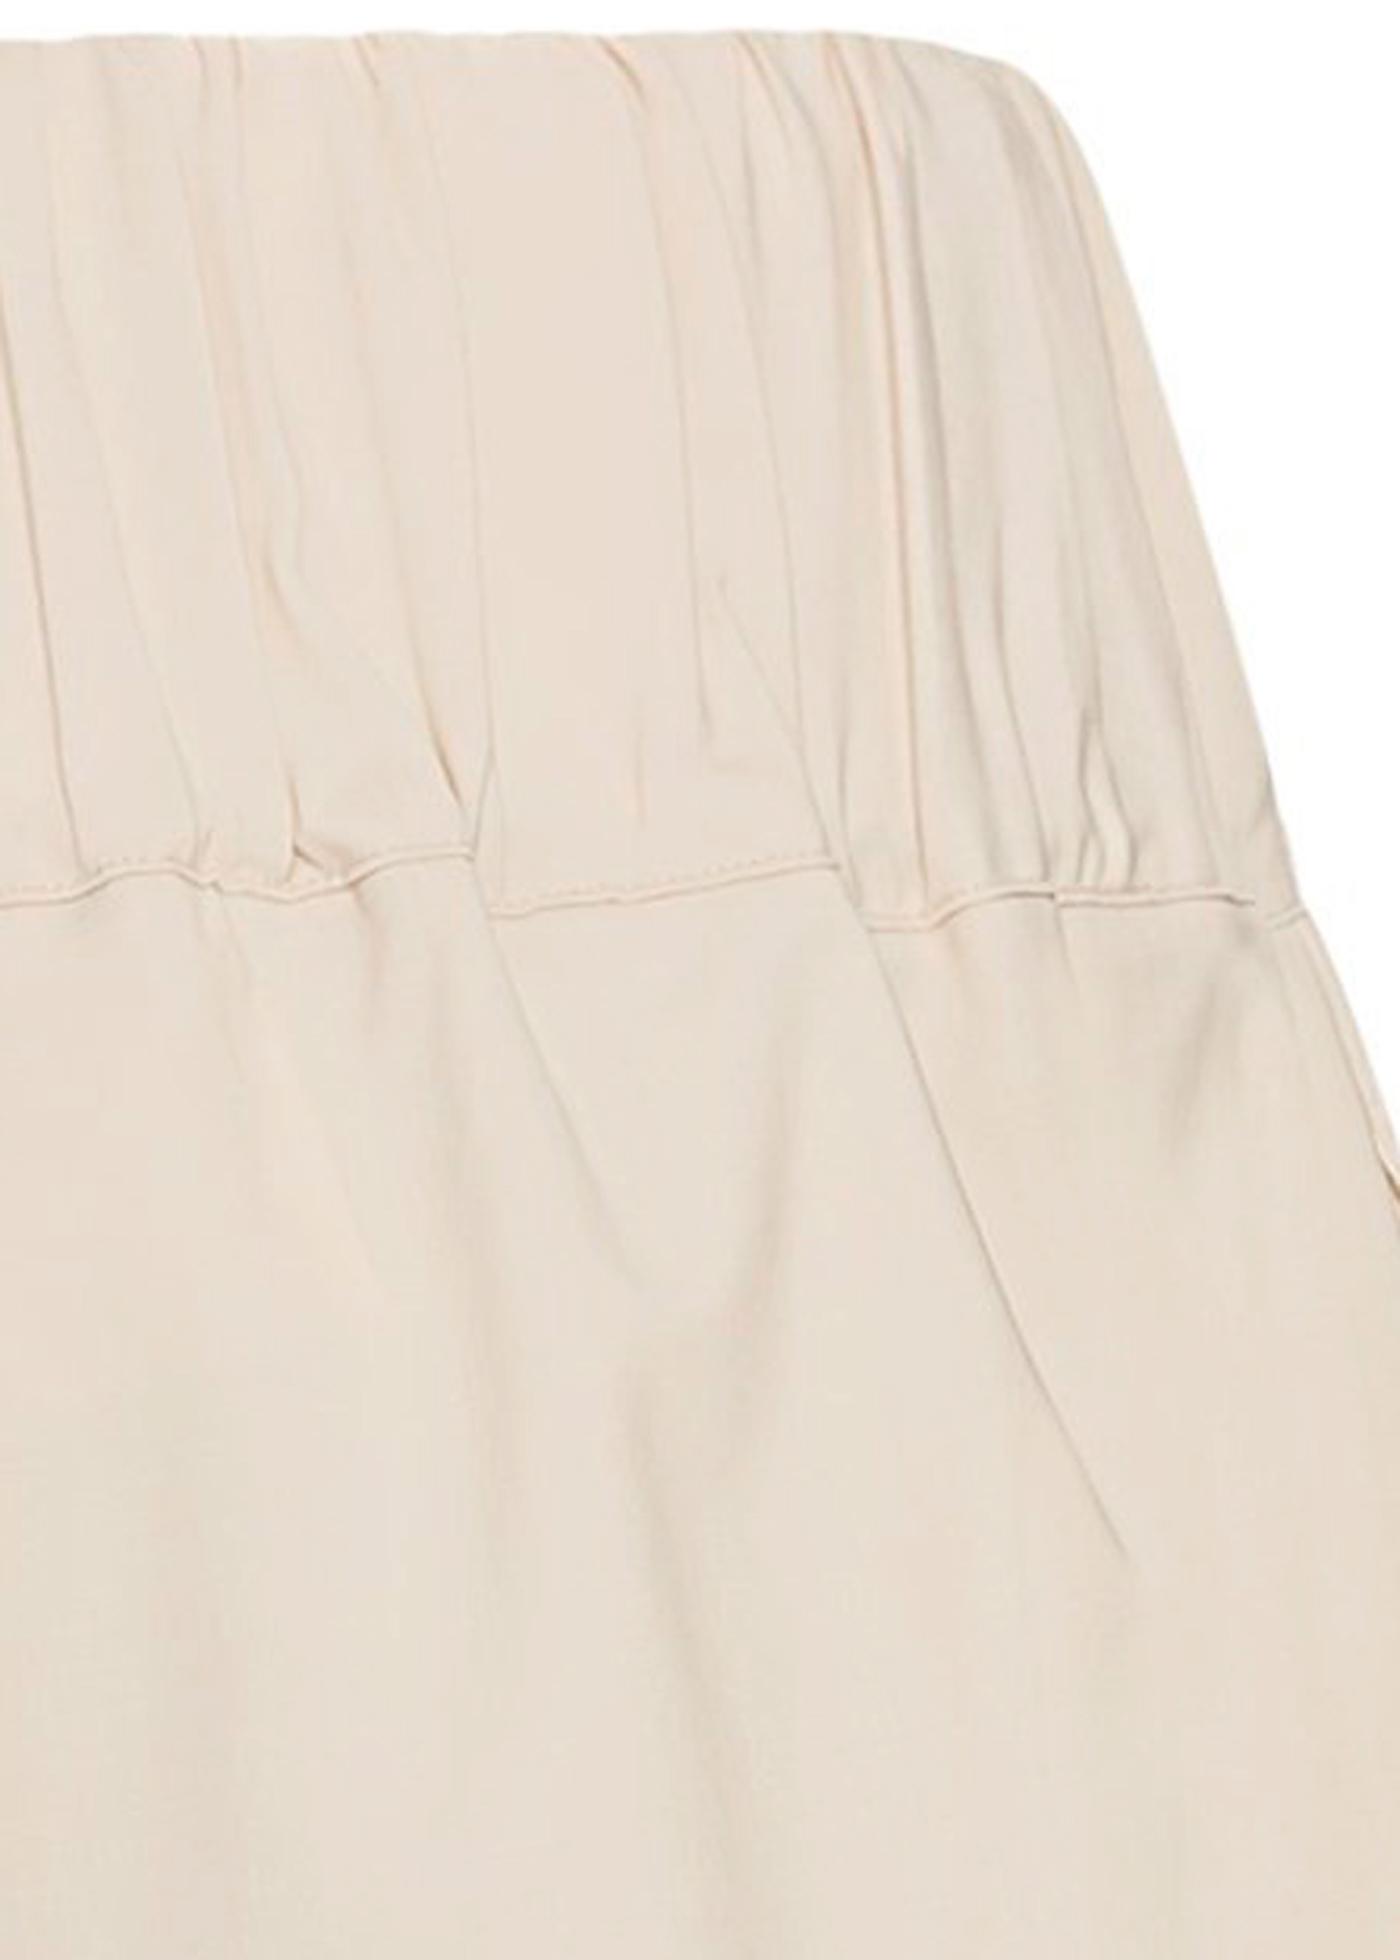 LUNA Shorts image number 3